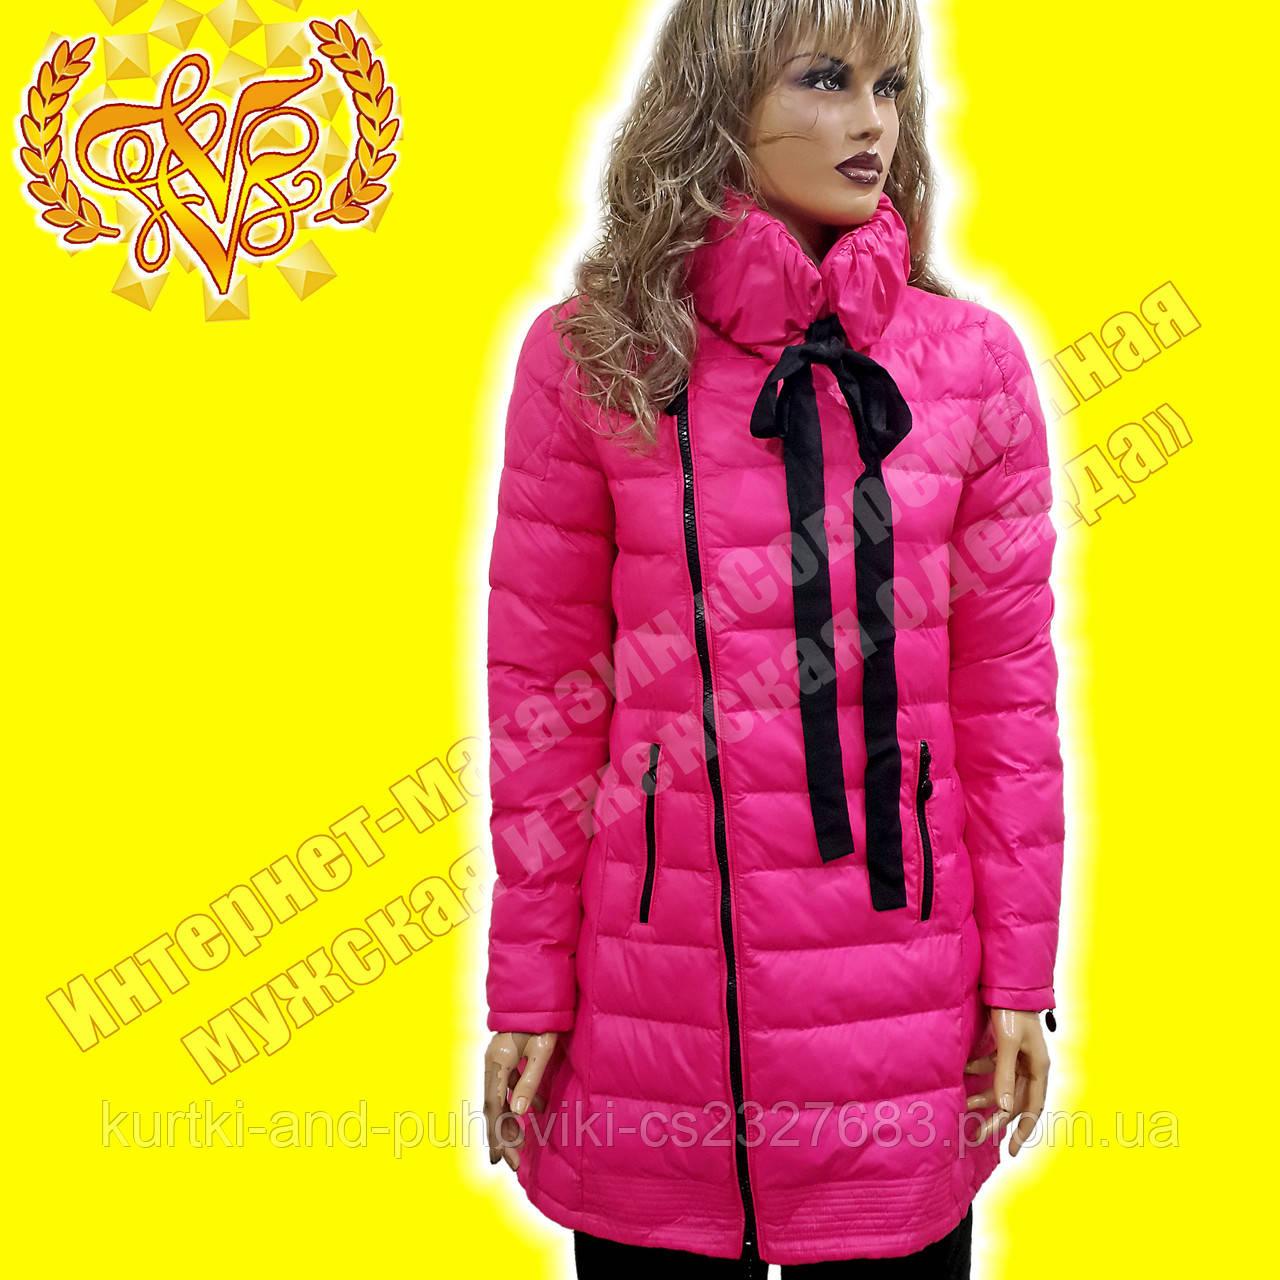 f21b322ca0f Женские куртки - Интернет-магазин «Современная мужская и женская одежда» в  Черновцах